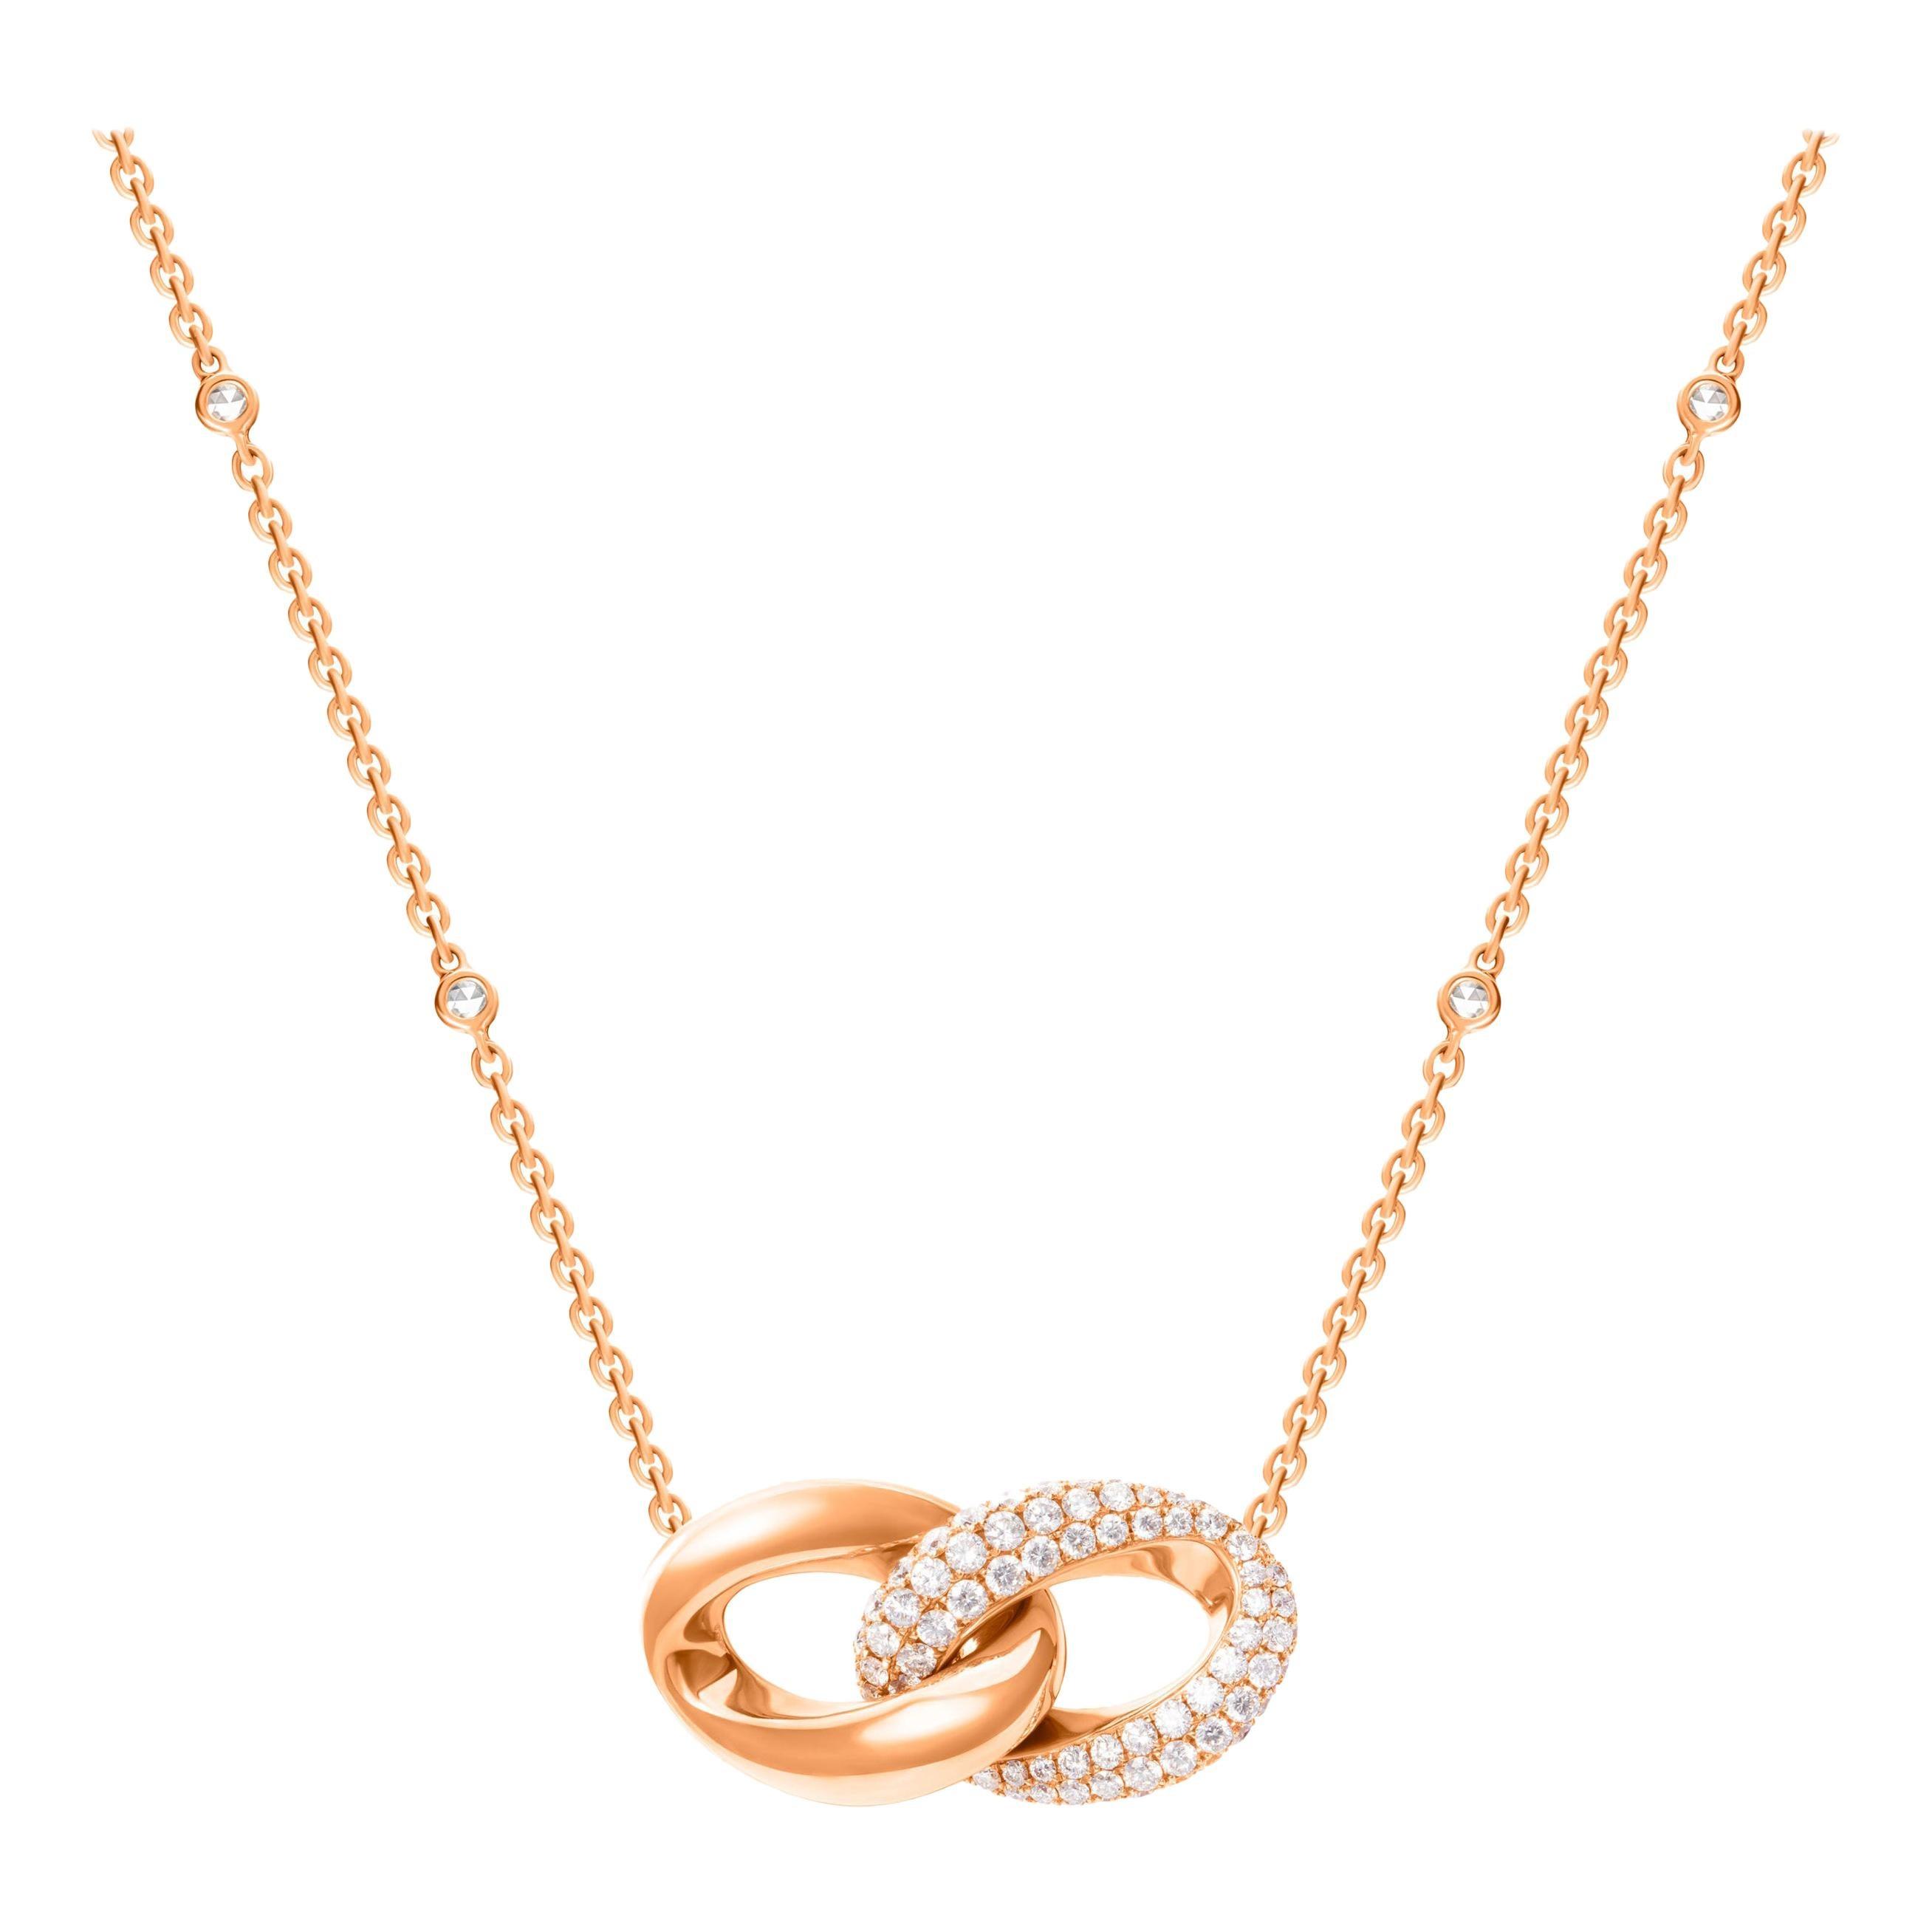 1.91 Carat Diamond 18 Karat Rose Gold Interlocking Loop Pendant Necklace